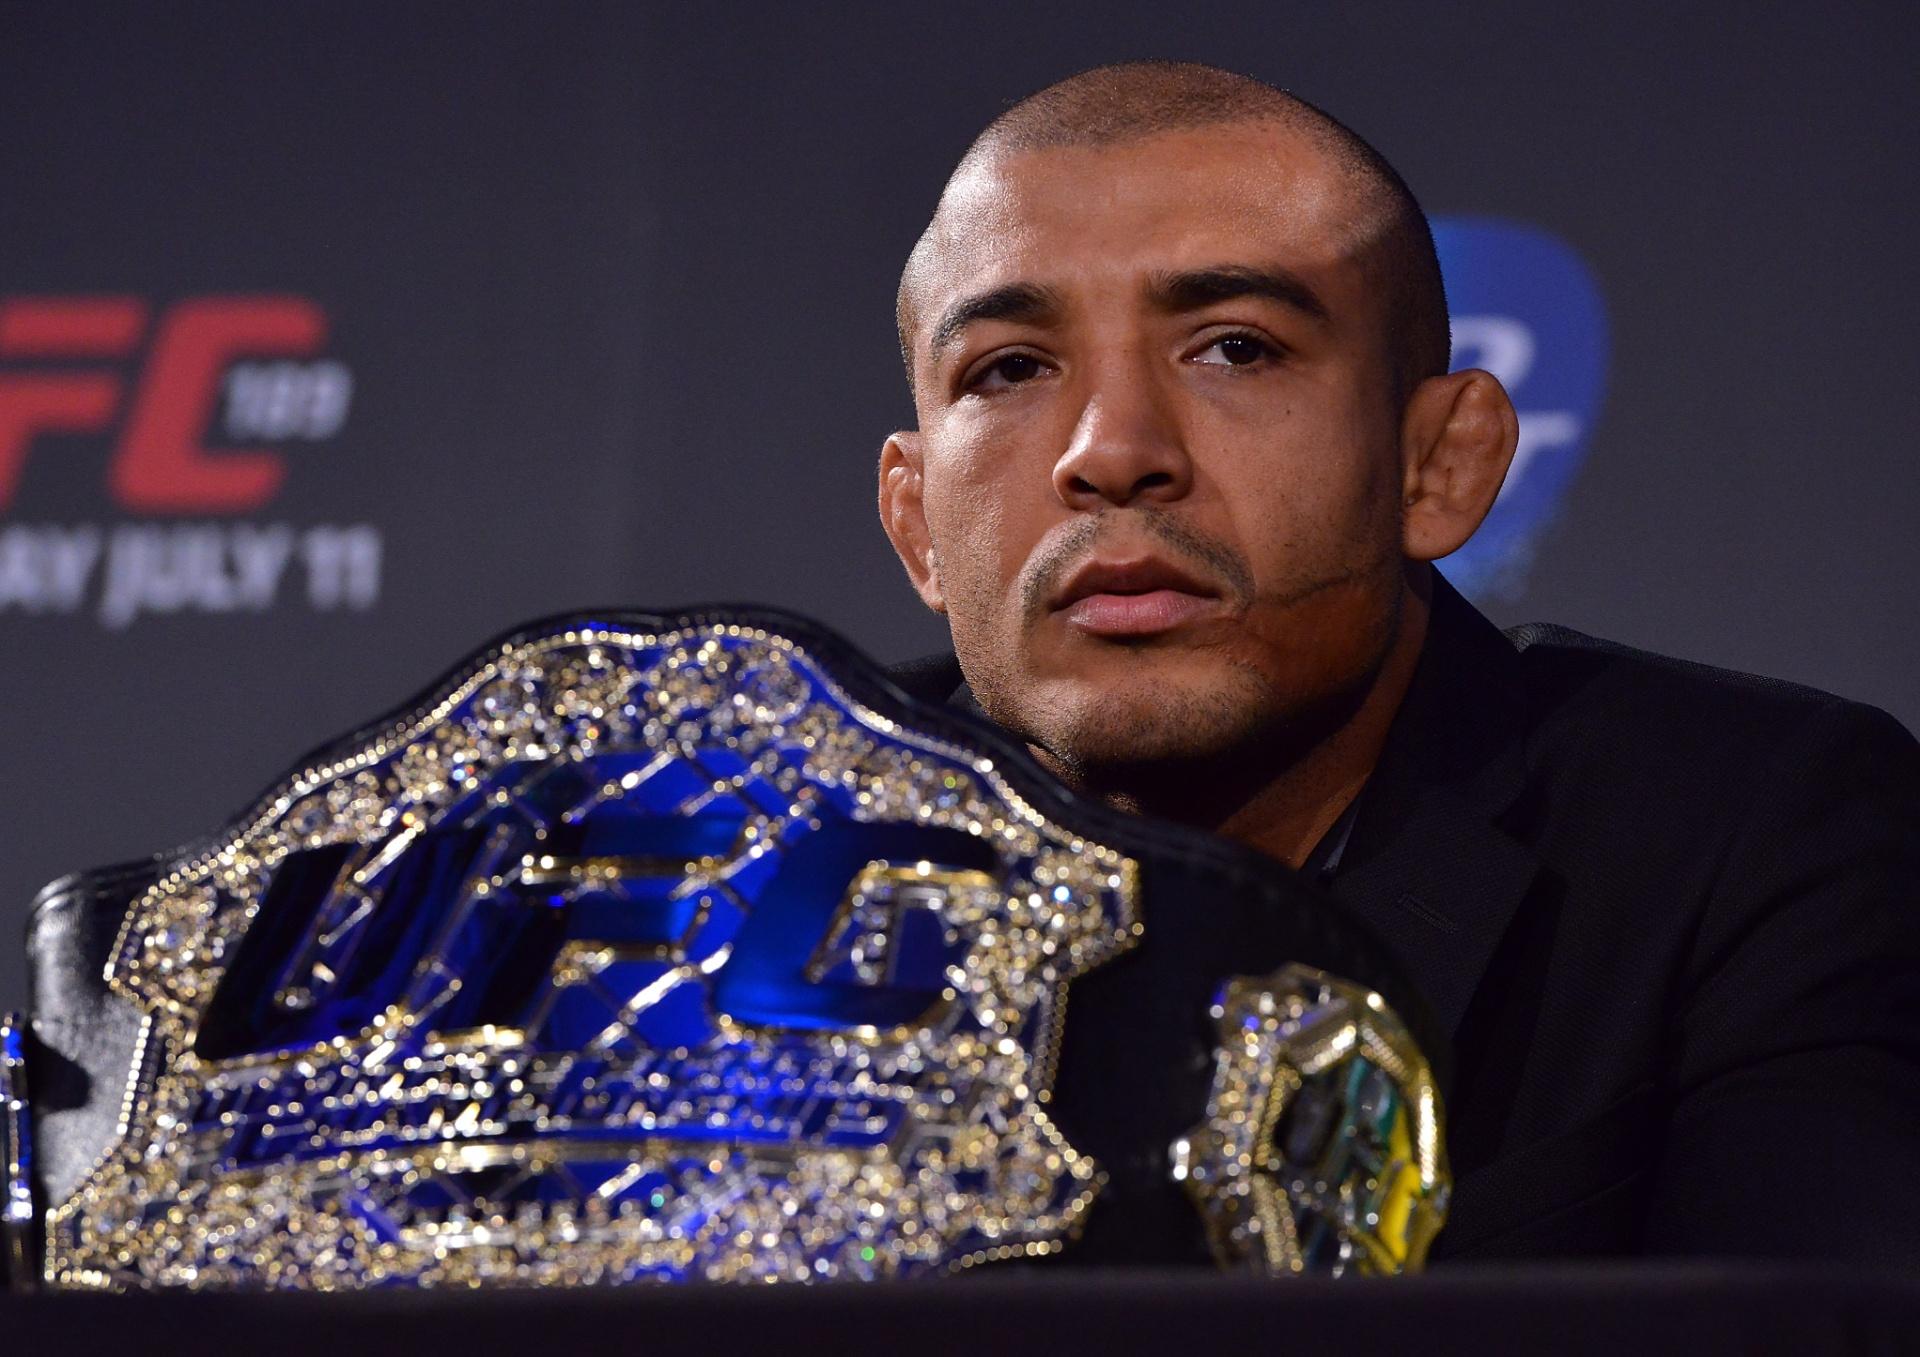 José Aldo, campeã dos penas do UFC, com seu cinturão